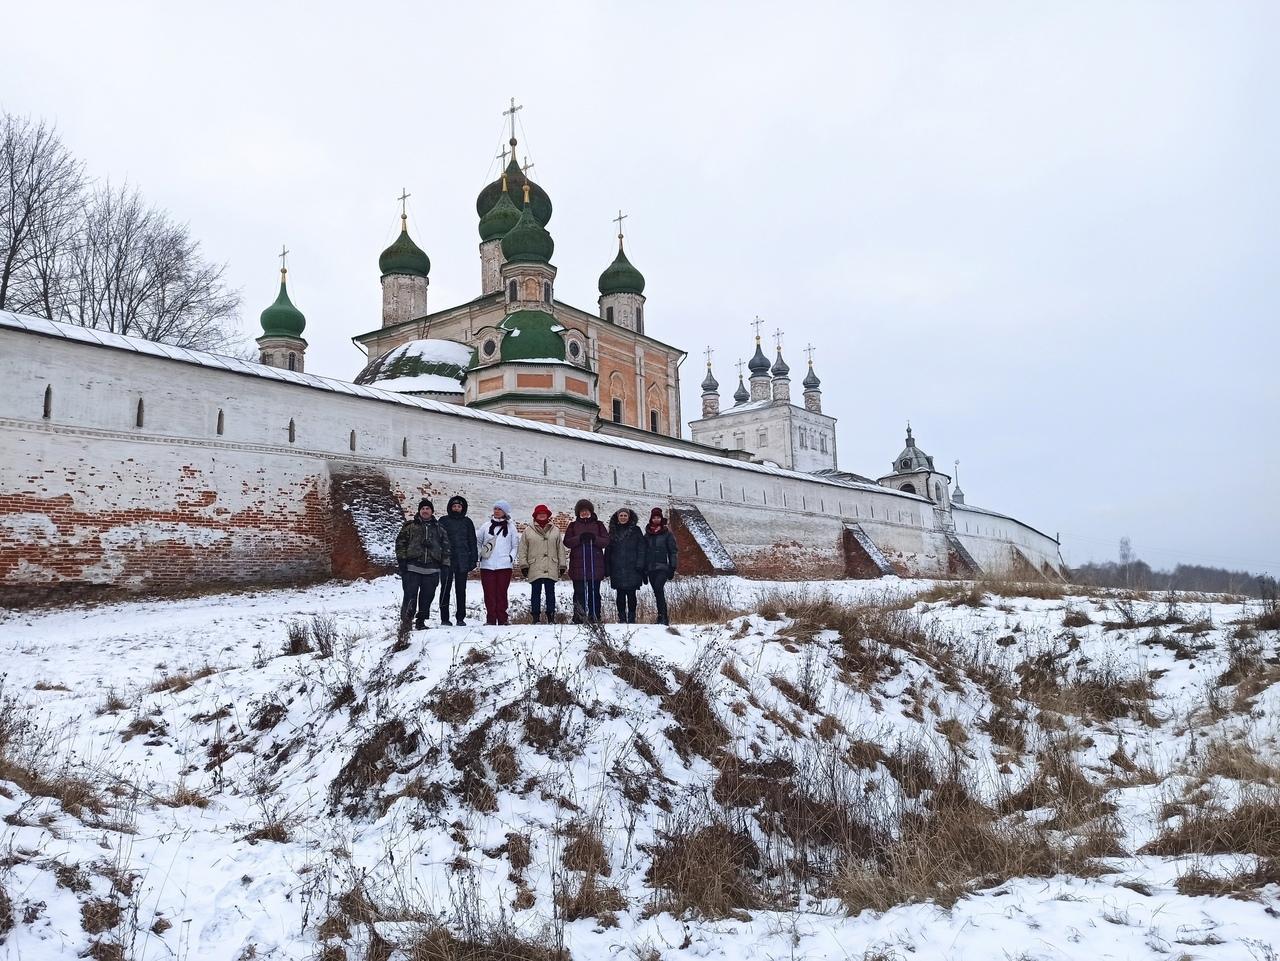 Путешествие в Переславль. Часть 2: Город церквей и монастырей. Здесь родился Александр Невский.